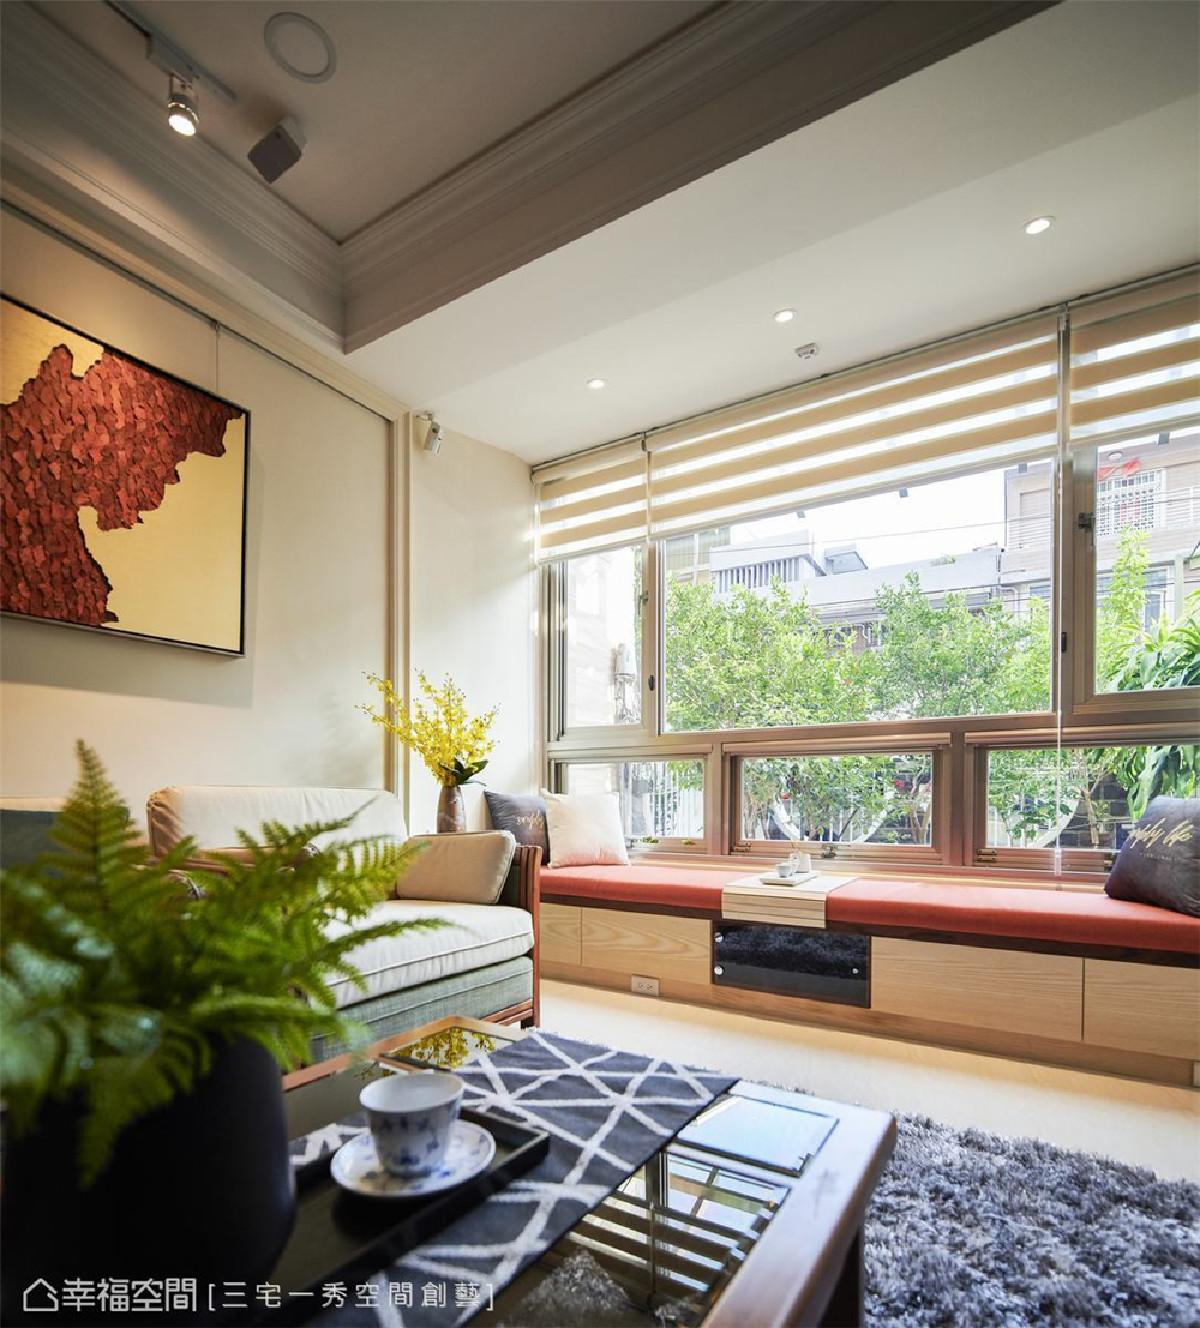 悠闲一隅 在客厅大面窗旁铺叙卧榻,倚窗而坐,静享青葱绿意与安然恬适生活感。